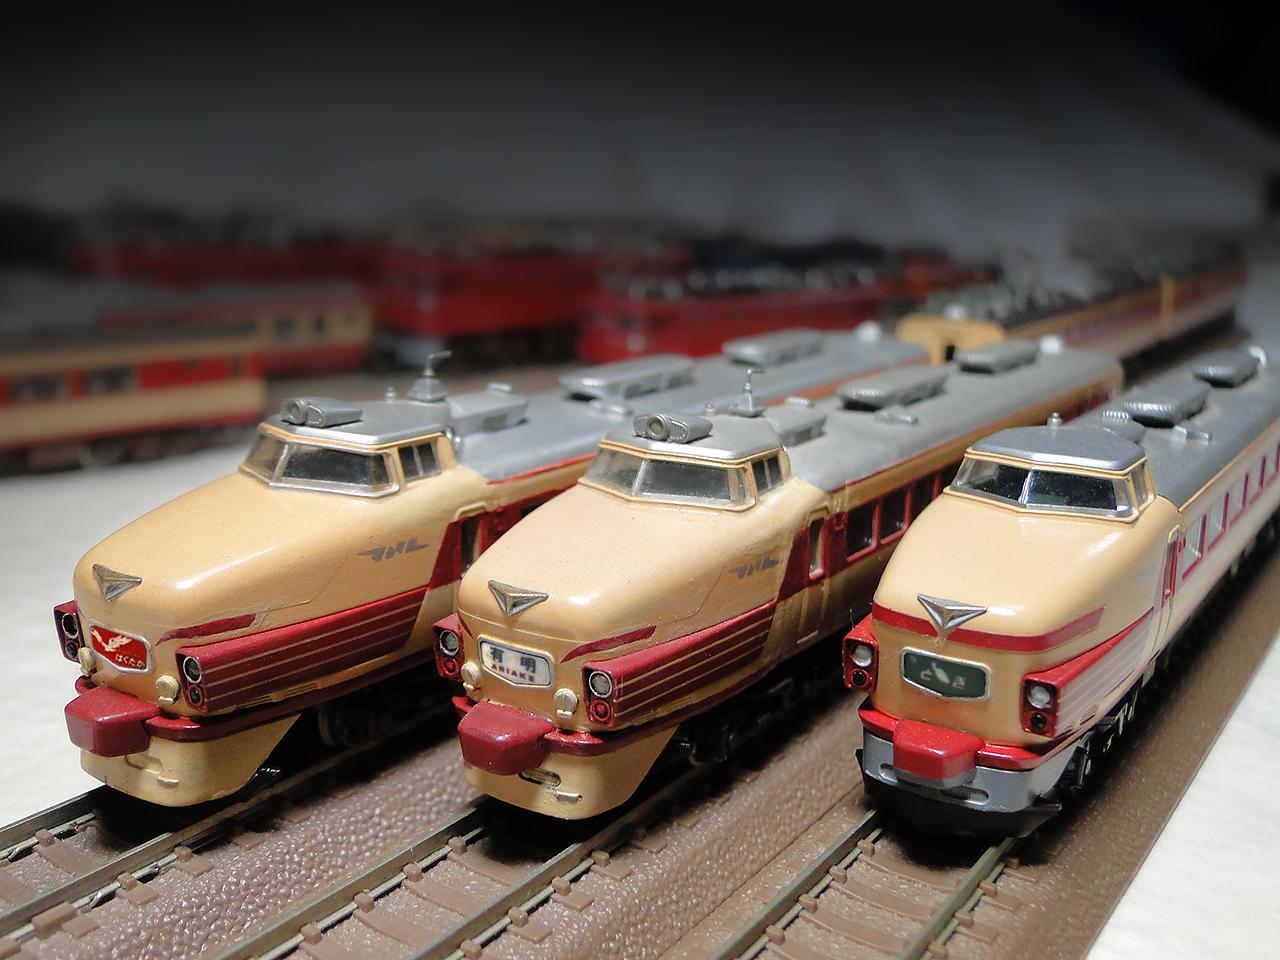 http://moritetsu.info/model-railway/img/DSC06561ssss.jpg